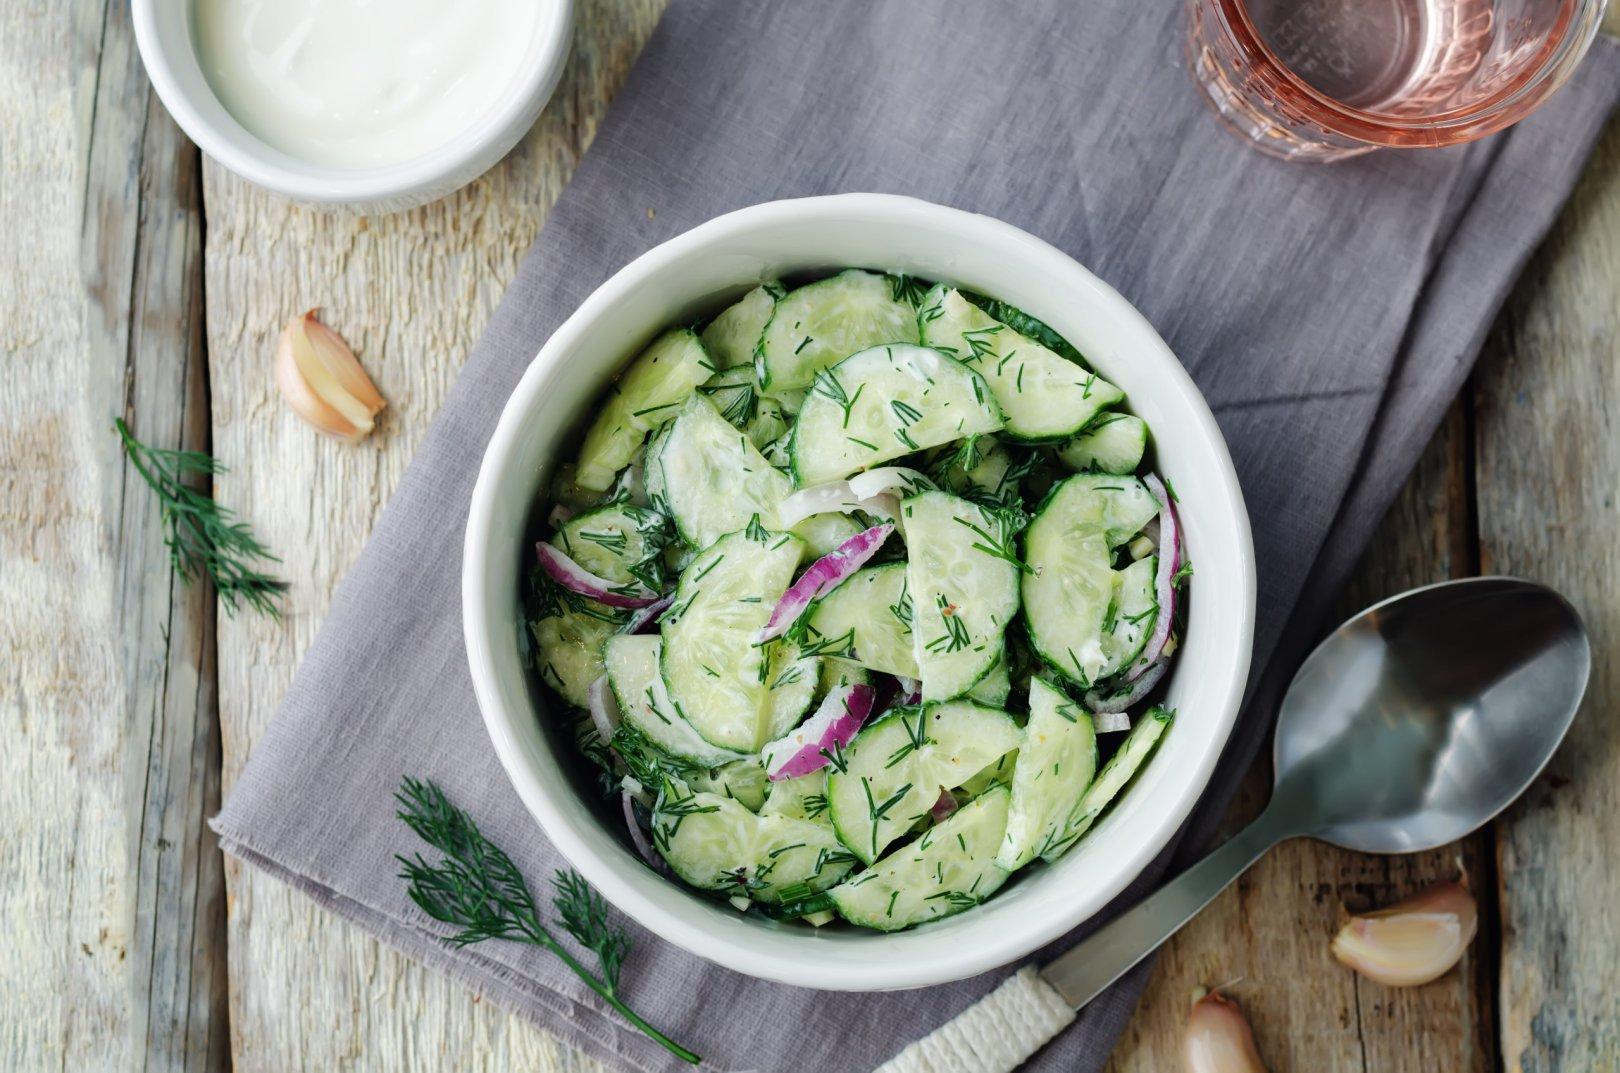 Salade de concombre sauce crémeuse au vinaigre